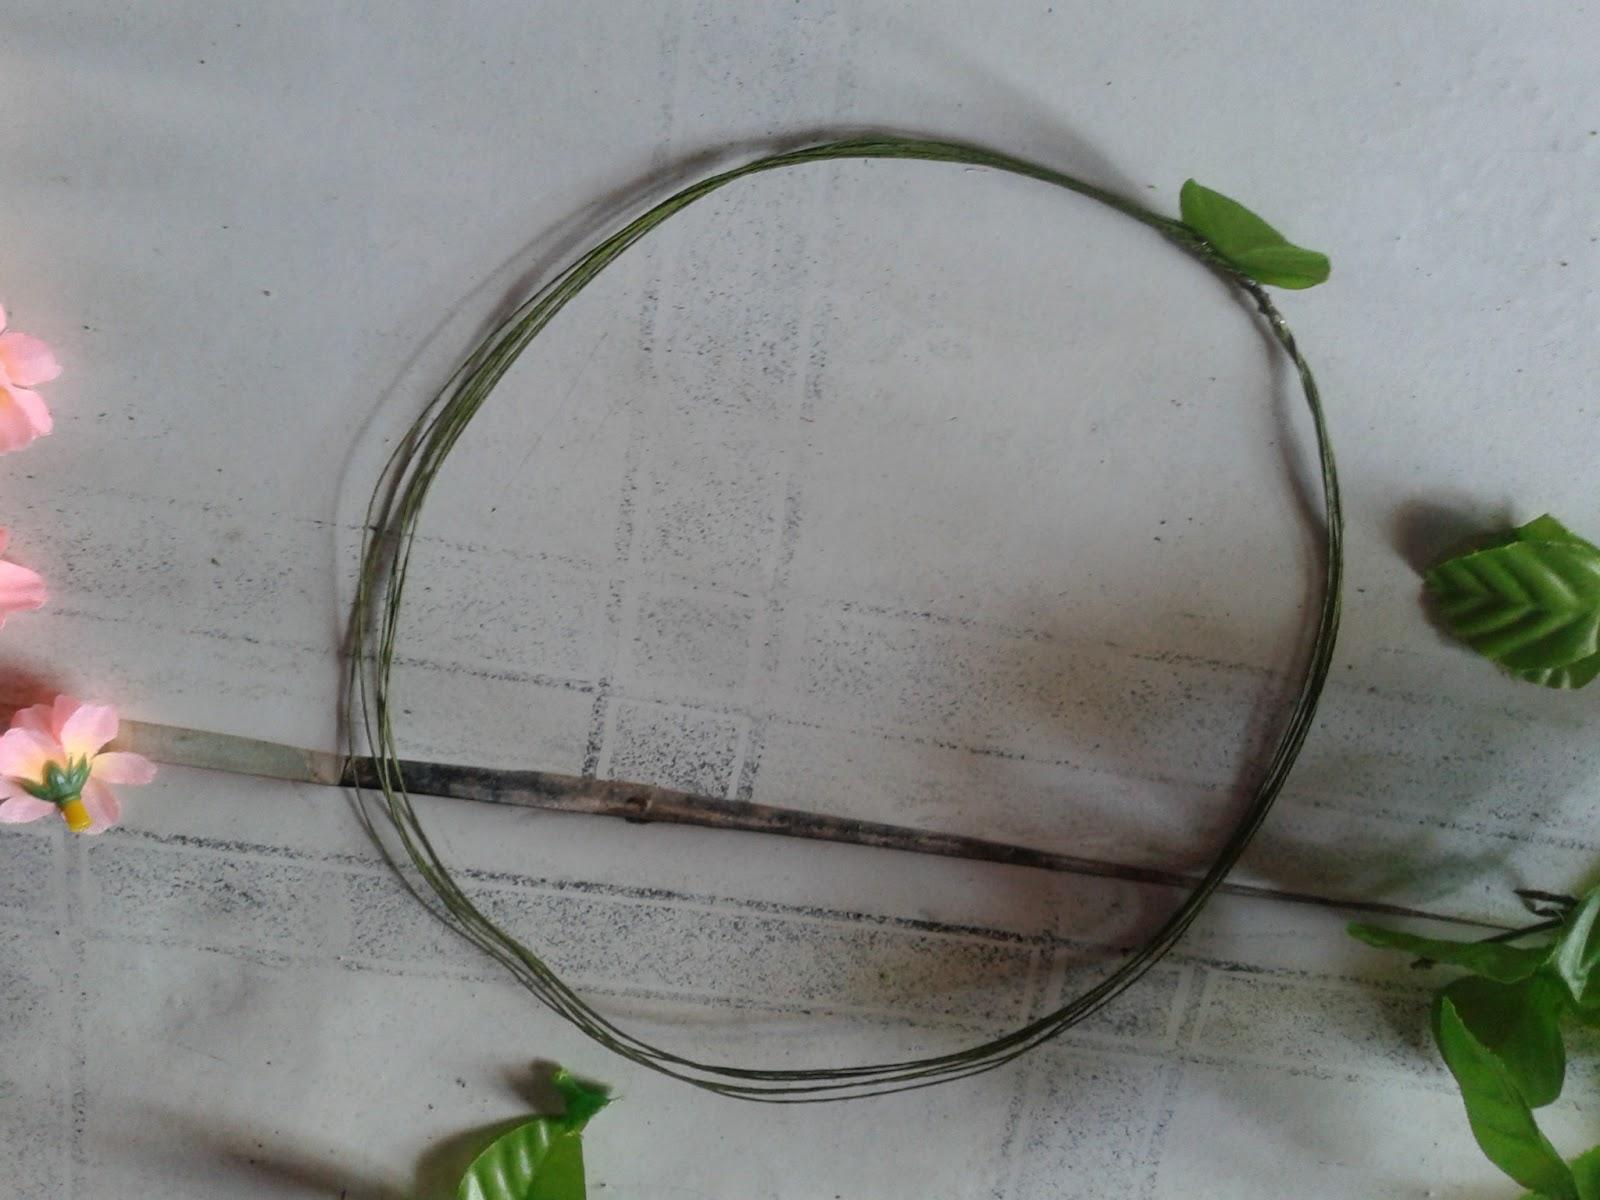 Membuat flower crown mrtprtw ayo intip saya ketika membuat flower crown bahan bahan 1 bunga plastik ukuran kecil 2 pakai daun nya juga boleh 3 beli kawat daun bisa izmirmasajfo